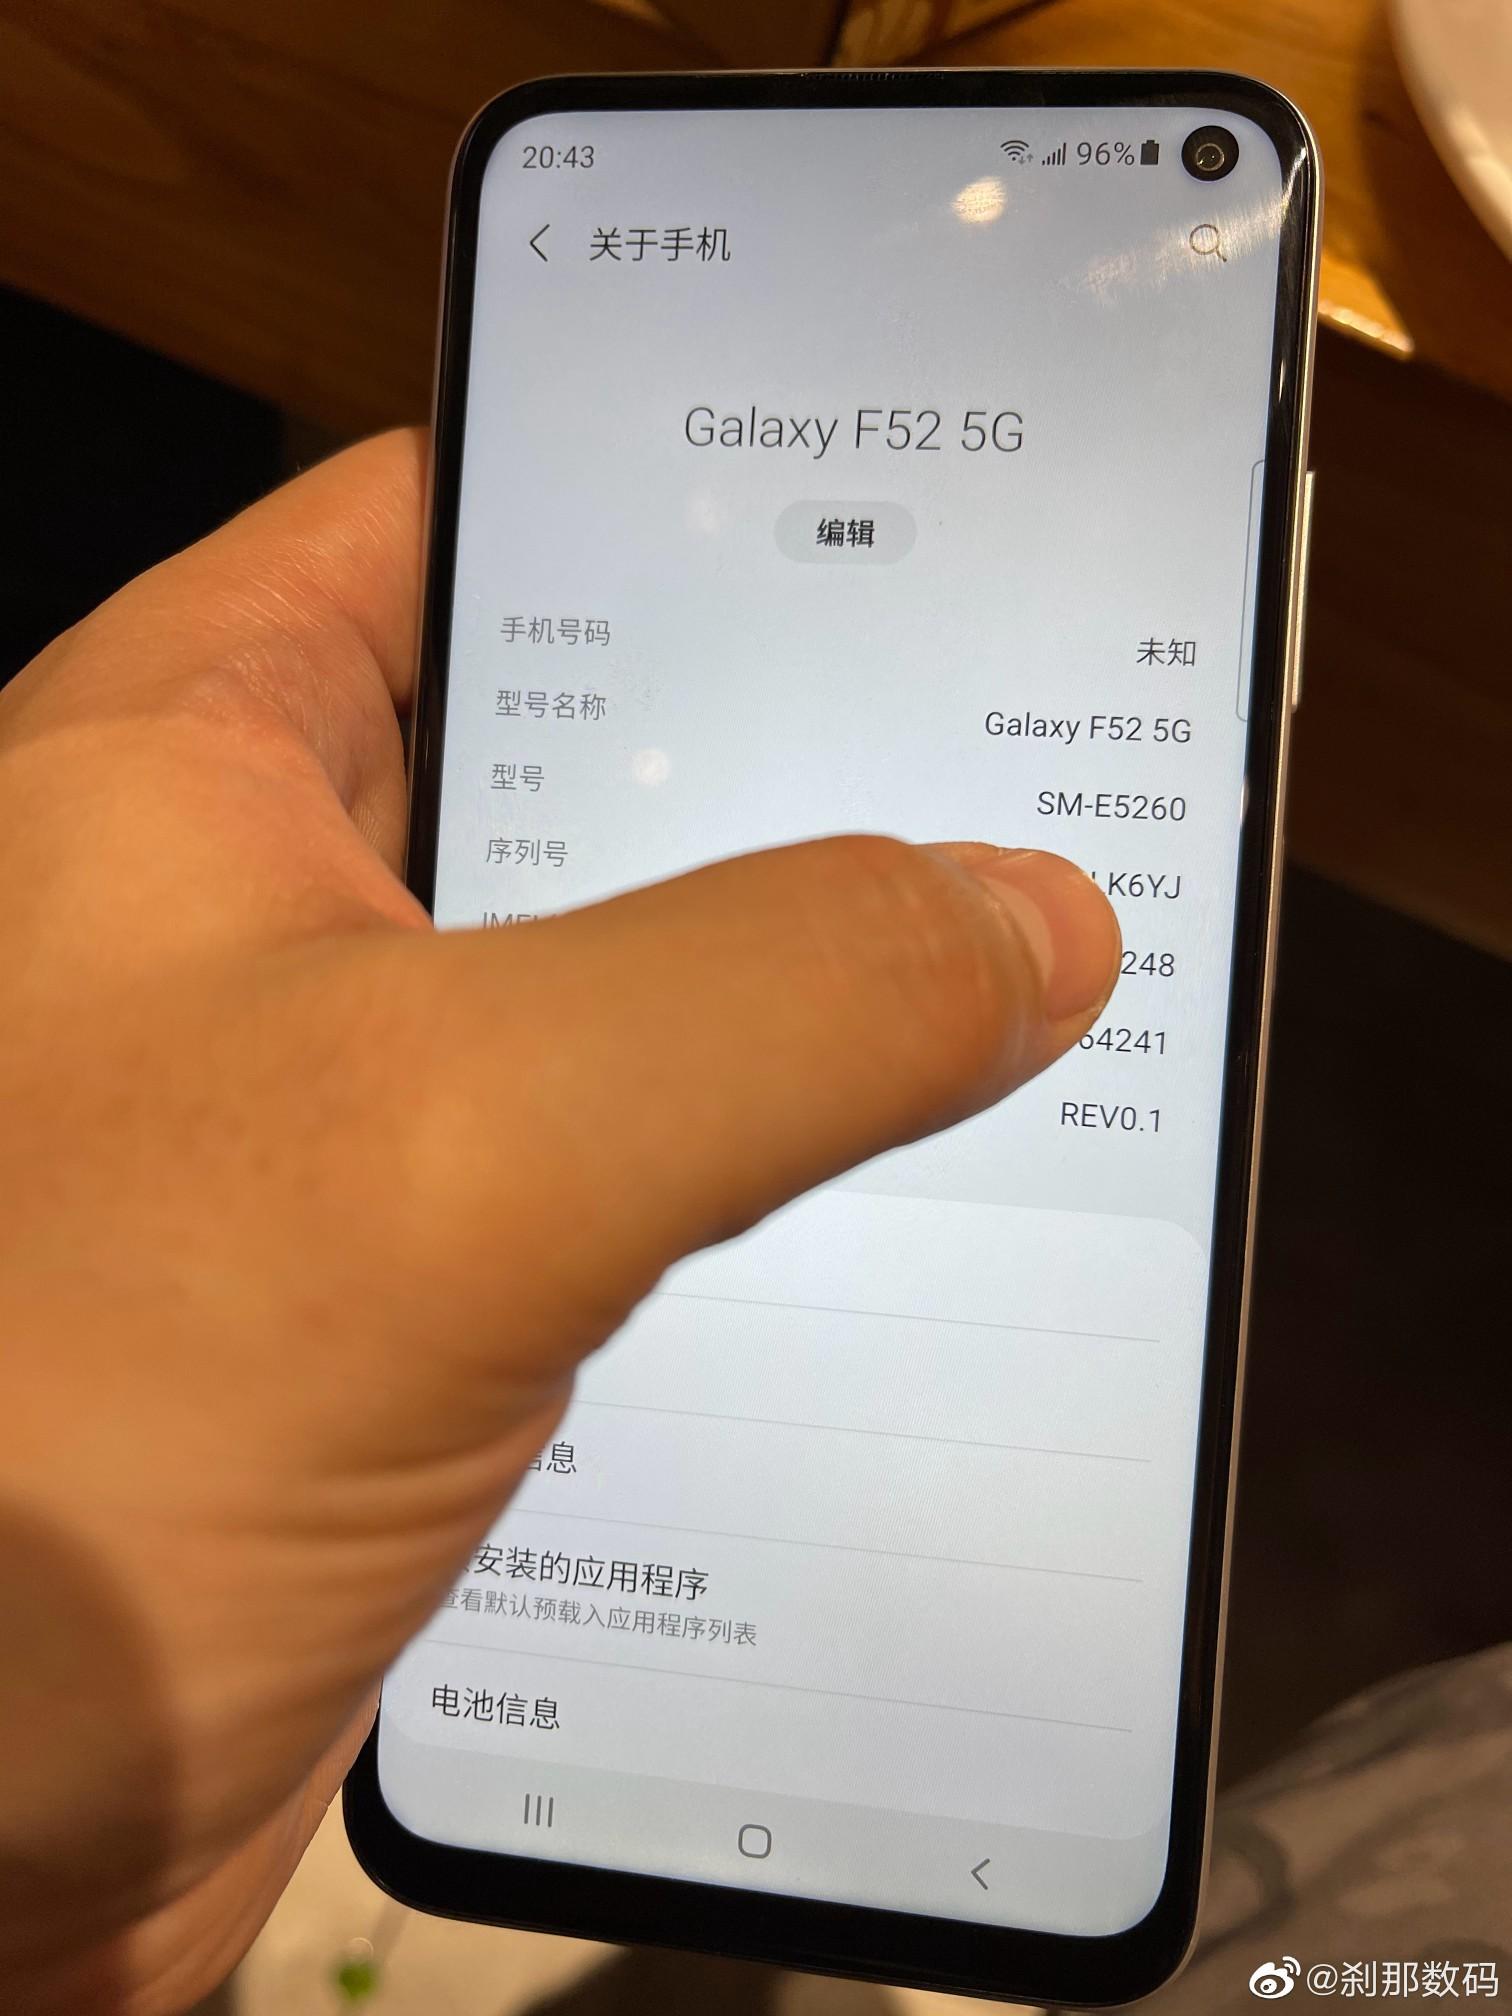 پیش فروش گوشی گلکسی اف 52 فایوجی سامسونگ در چین شروع خواهد شد